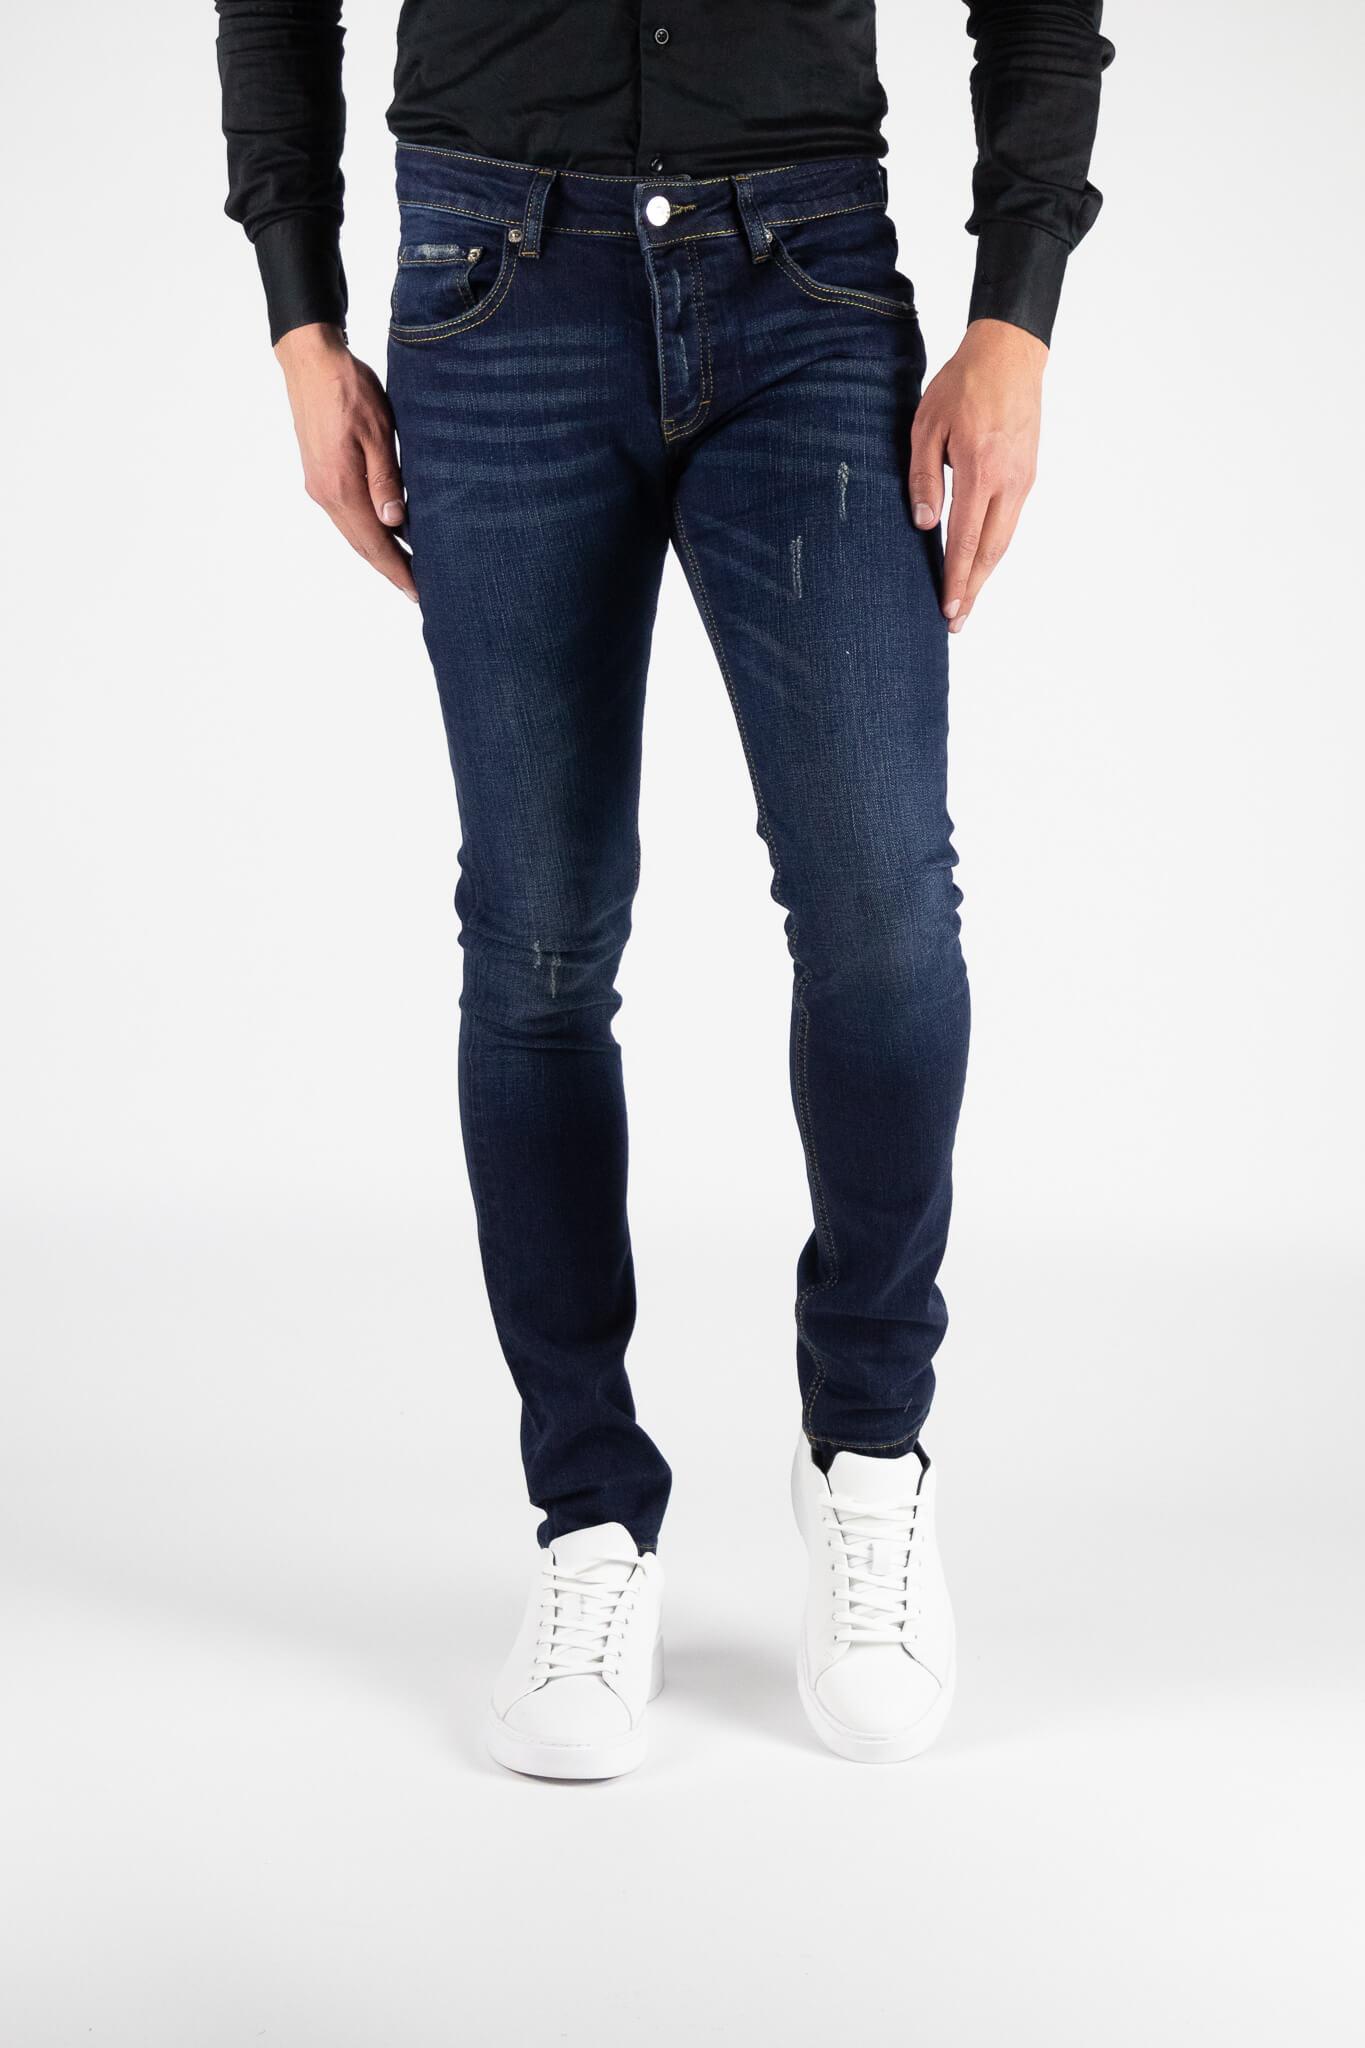 Morlaix-Dark-Blue-Jeans-1.jpg